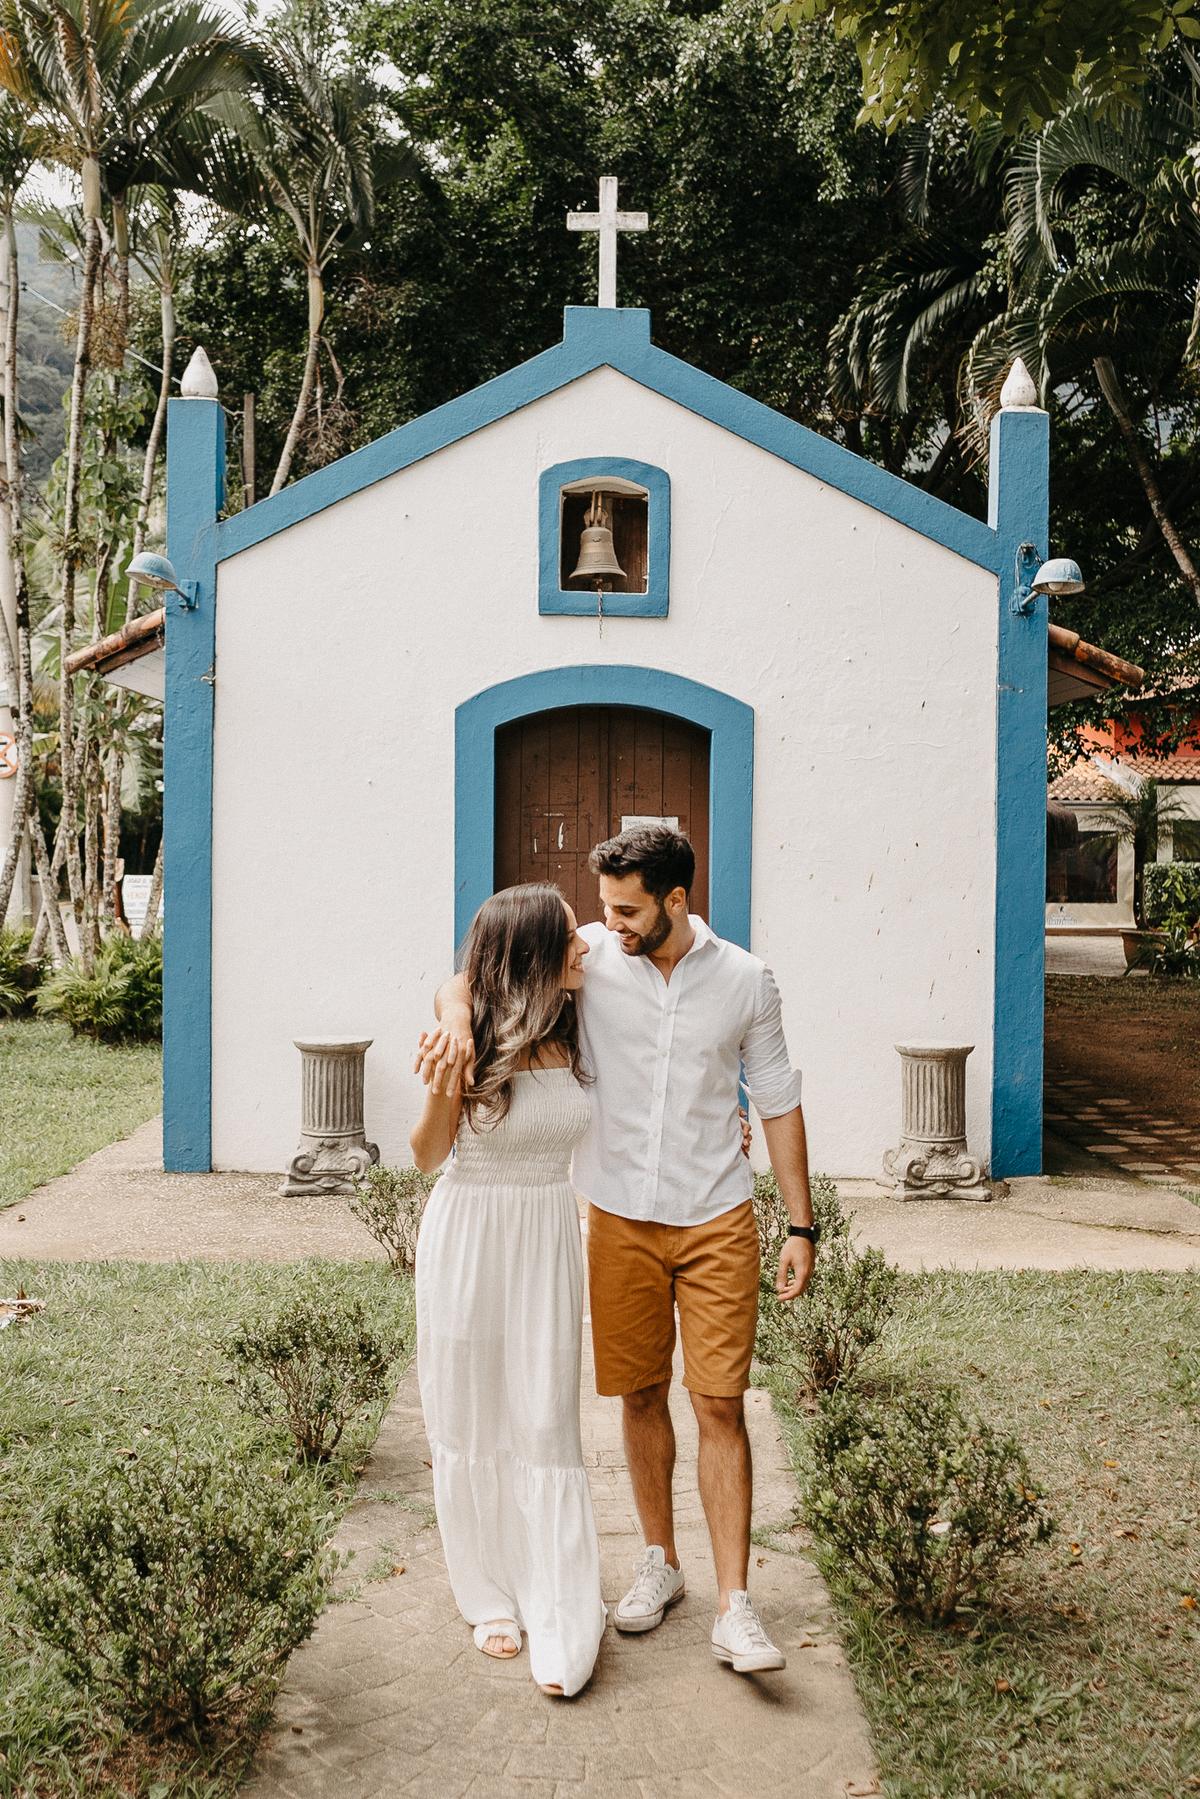 ensaio pre wedding pre casamento na praia litoral norte toque toque pequeno fotografia de casamento casar em toque toque fotos por caio henrique